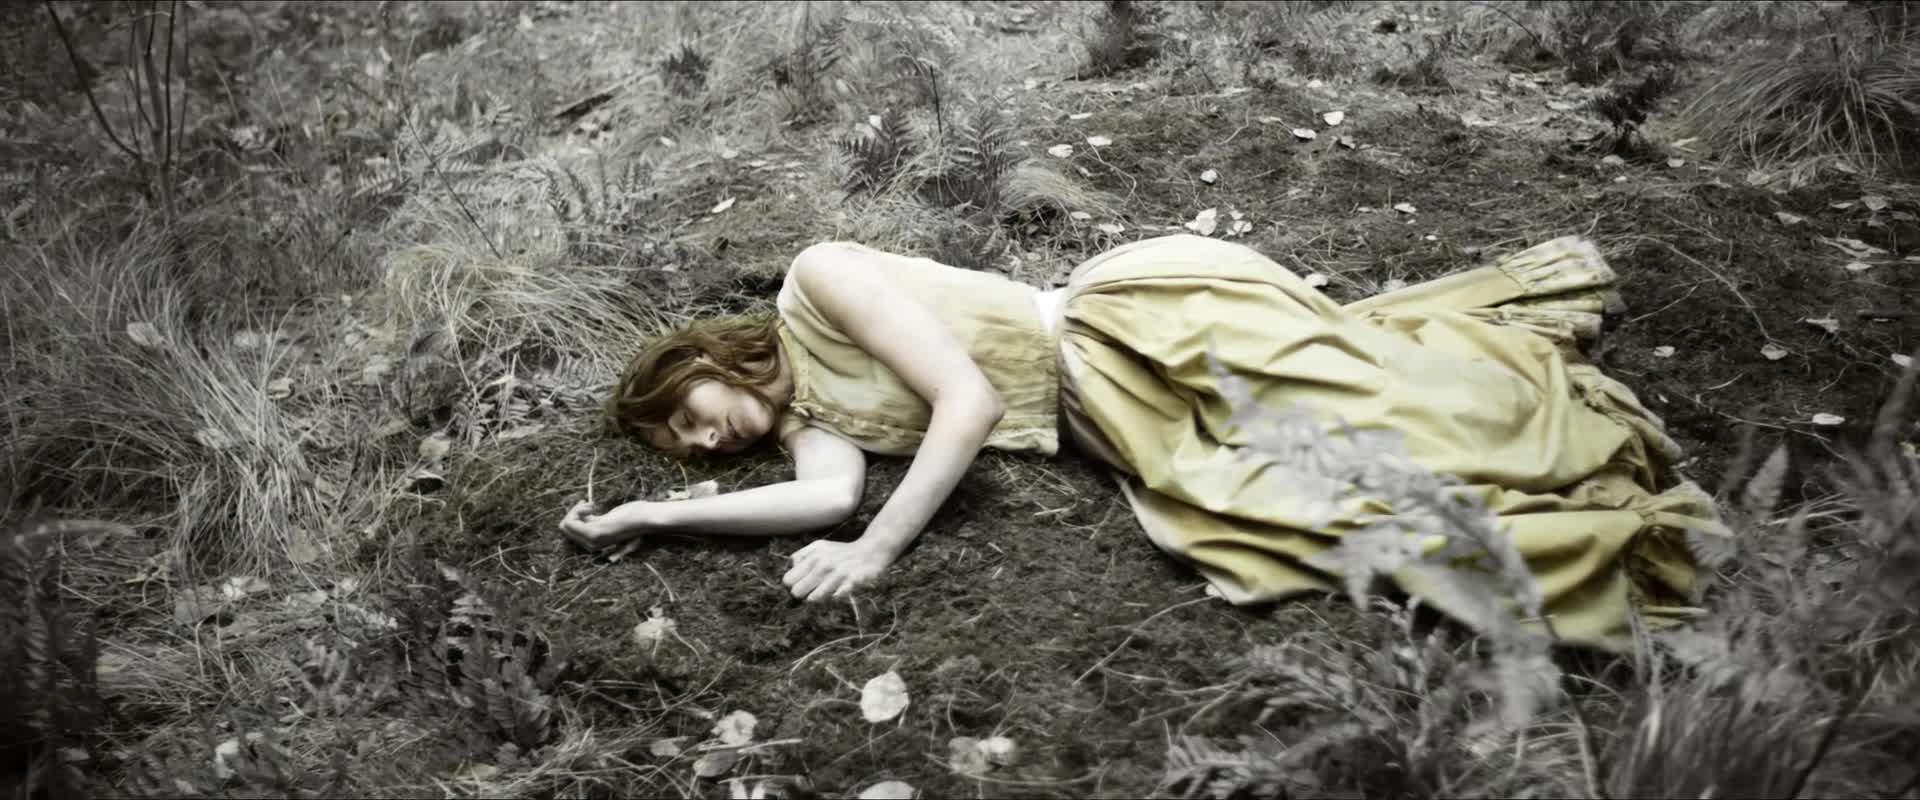 Secuencia onírica del pasado de Alice Fletcher con una exquisita fotografía